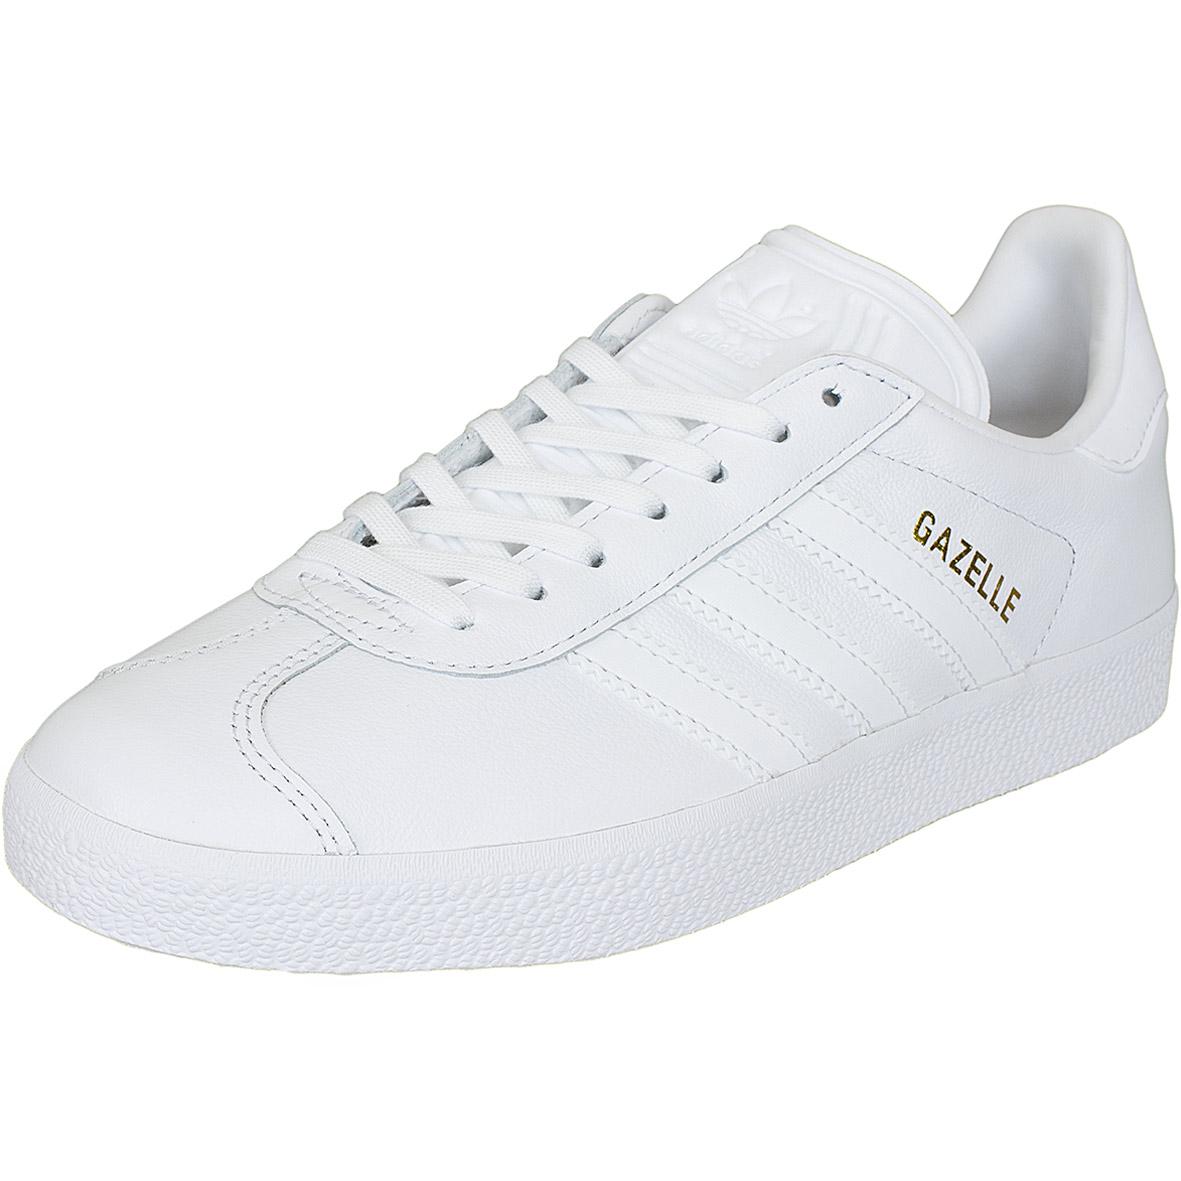 adidas gazelle weiß frauen